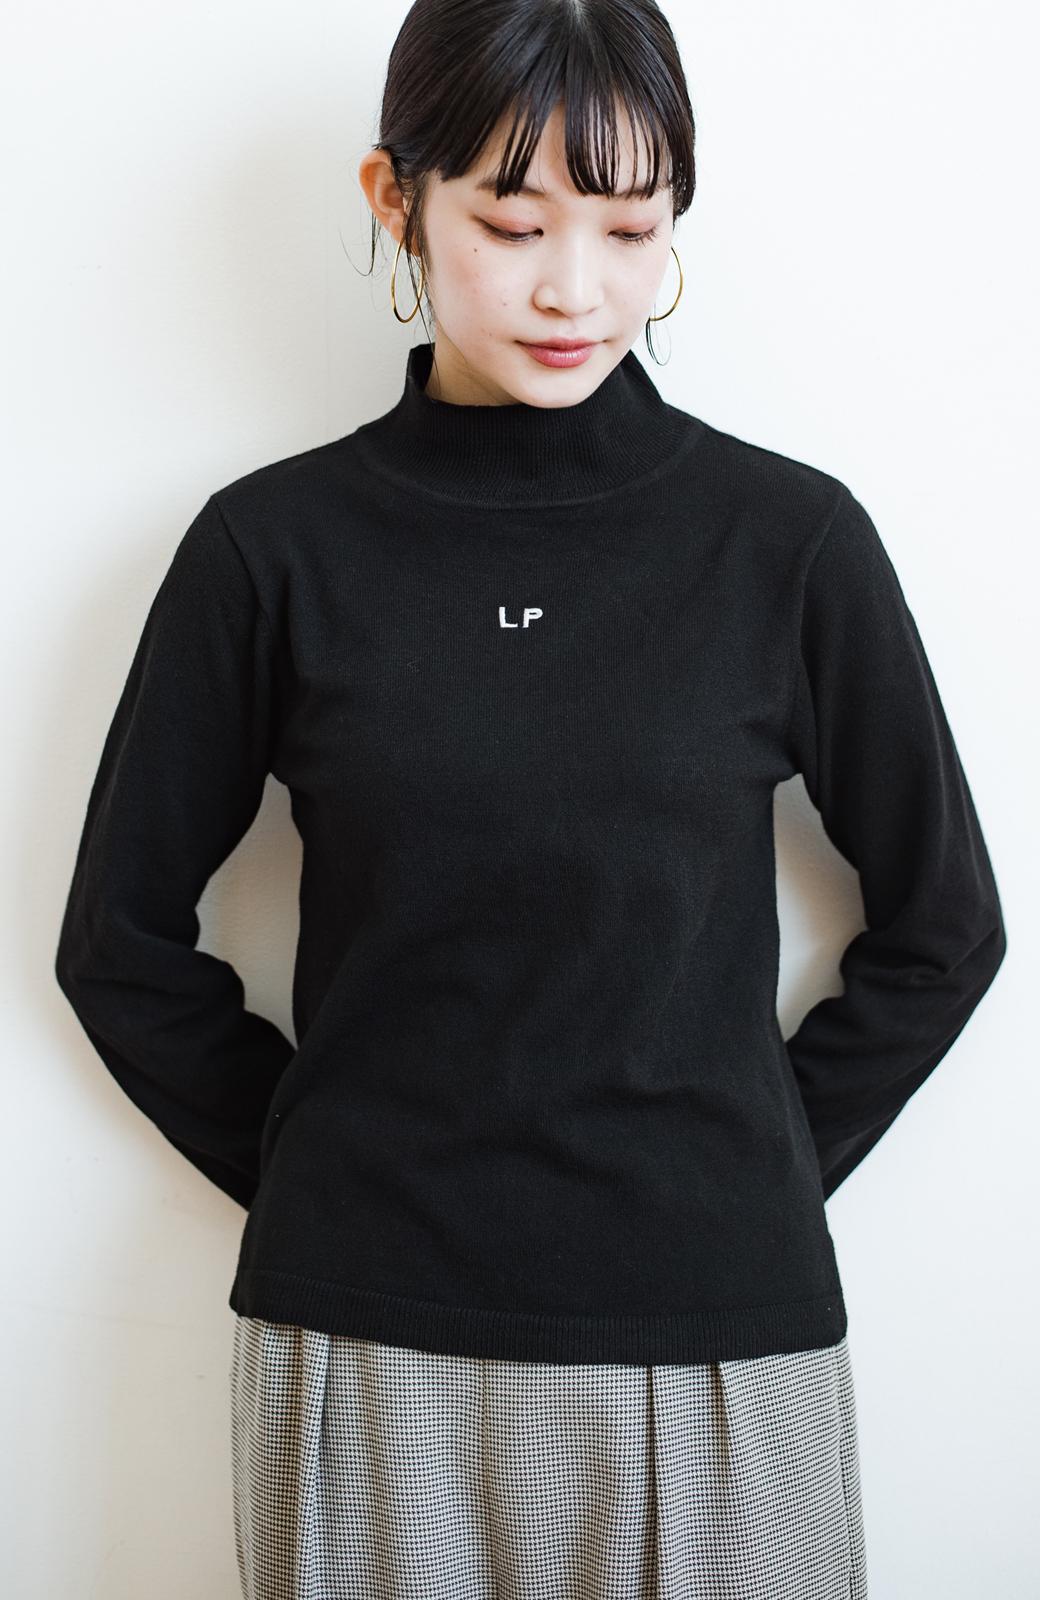 haco! 【高橋愛さんコラボ】本当に使えるニットを吟味! 重ね着に便利な刺繍入りハイネック&クルーネックニットトップス2枚セット by LOVE&PEACE PROJECT <ブラック・ボルドー>の商品写真25